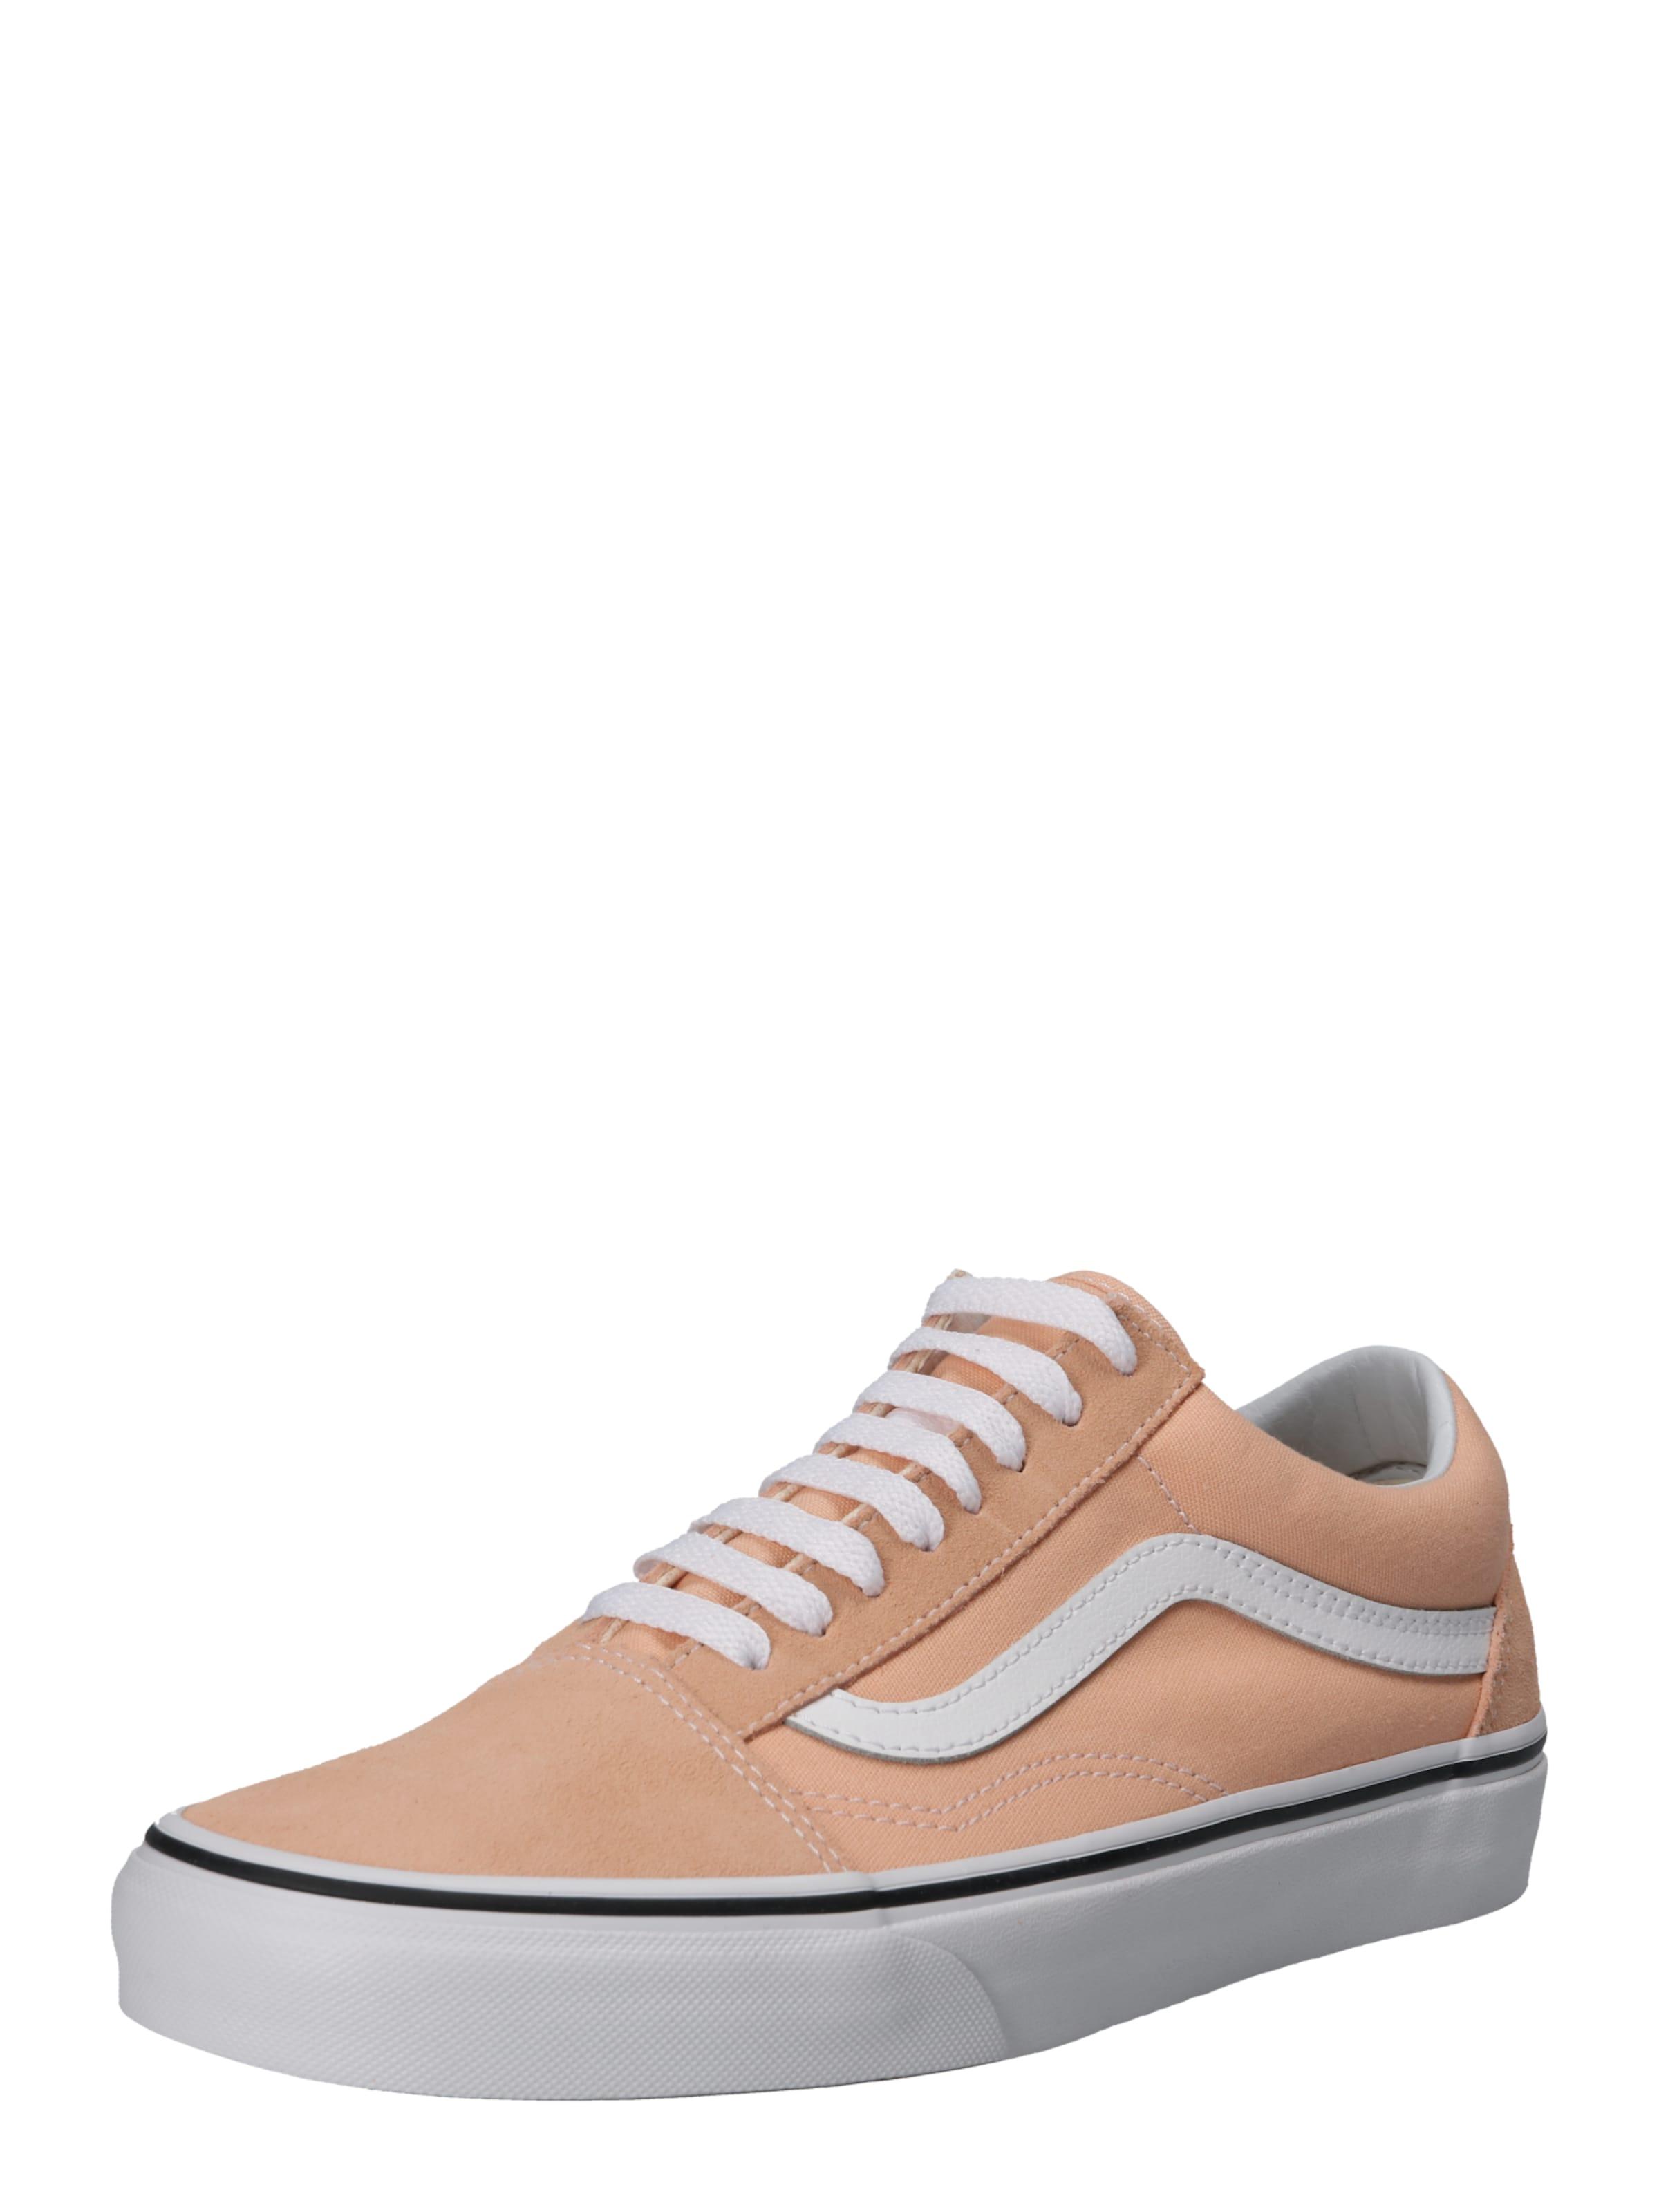 Vans In Skool' 'old Sneaker SchwarzWeiß Low bgy7mIv6Yf